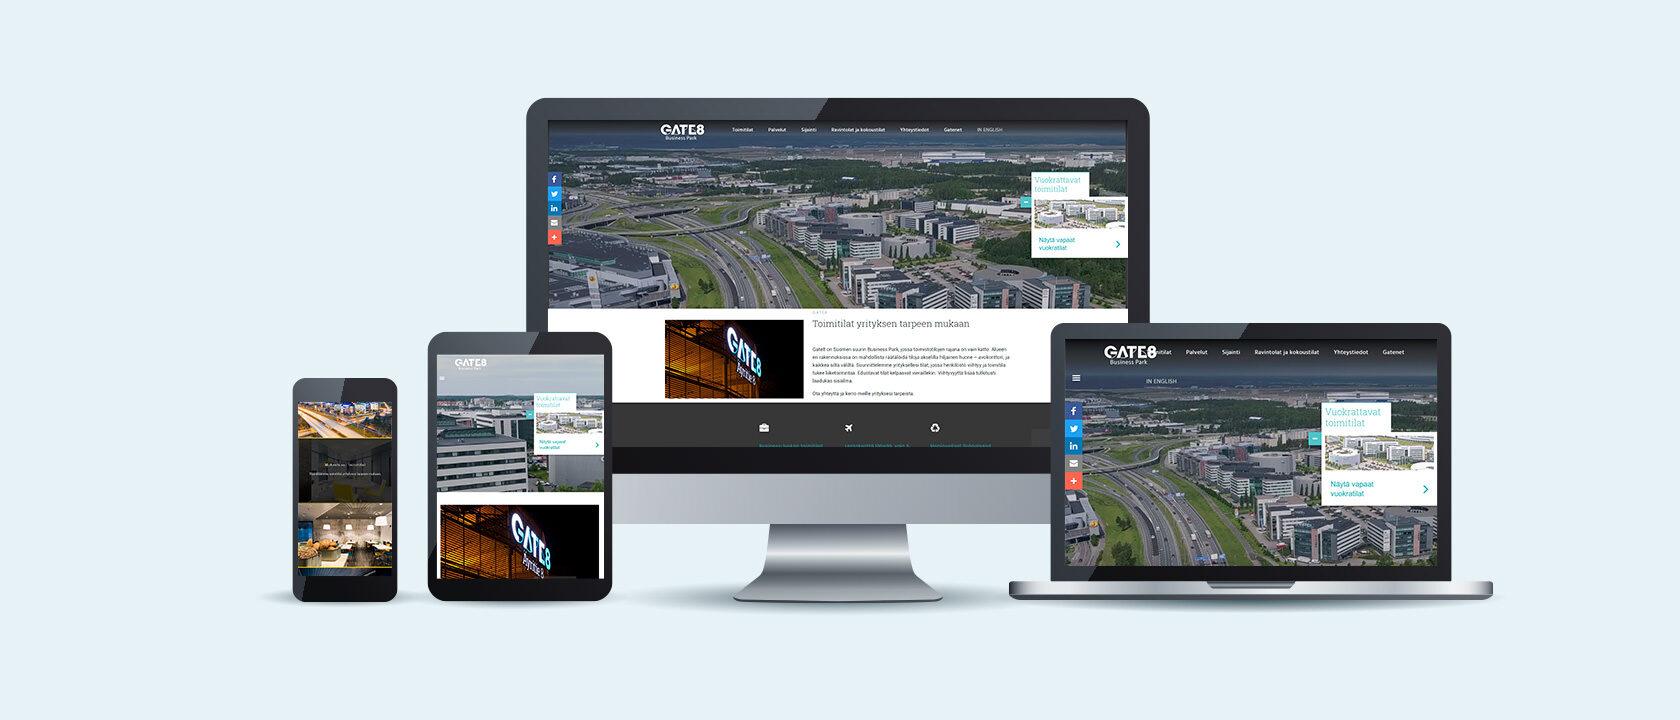 Gate8.fi: Suomen suurin Business Park uudisti sivustonsa